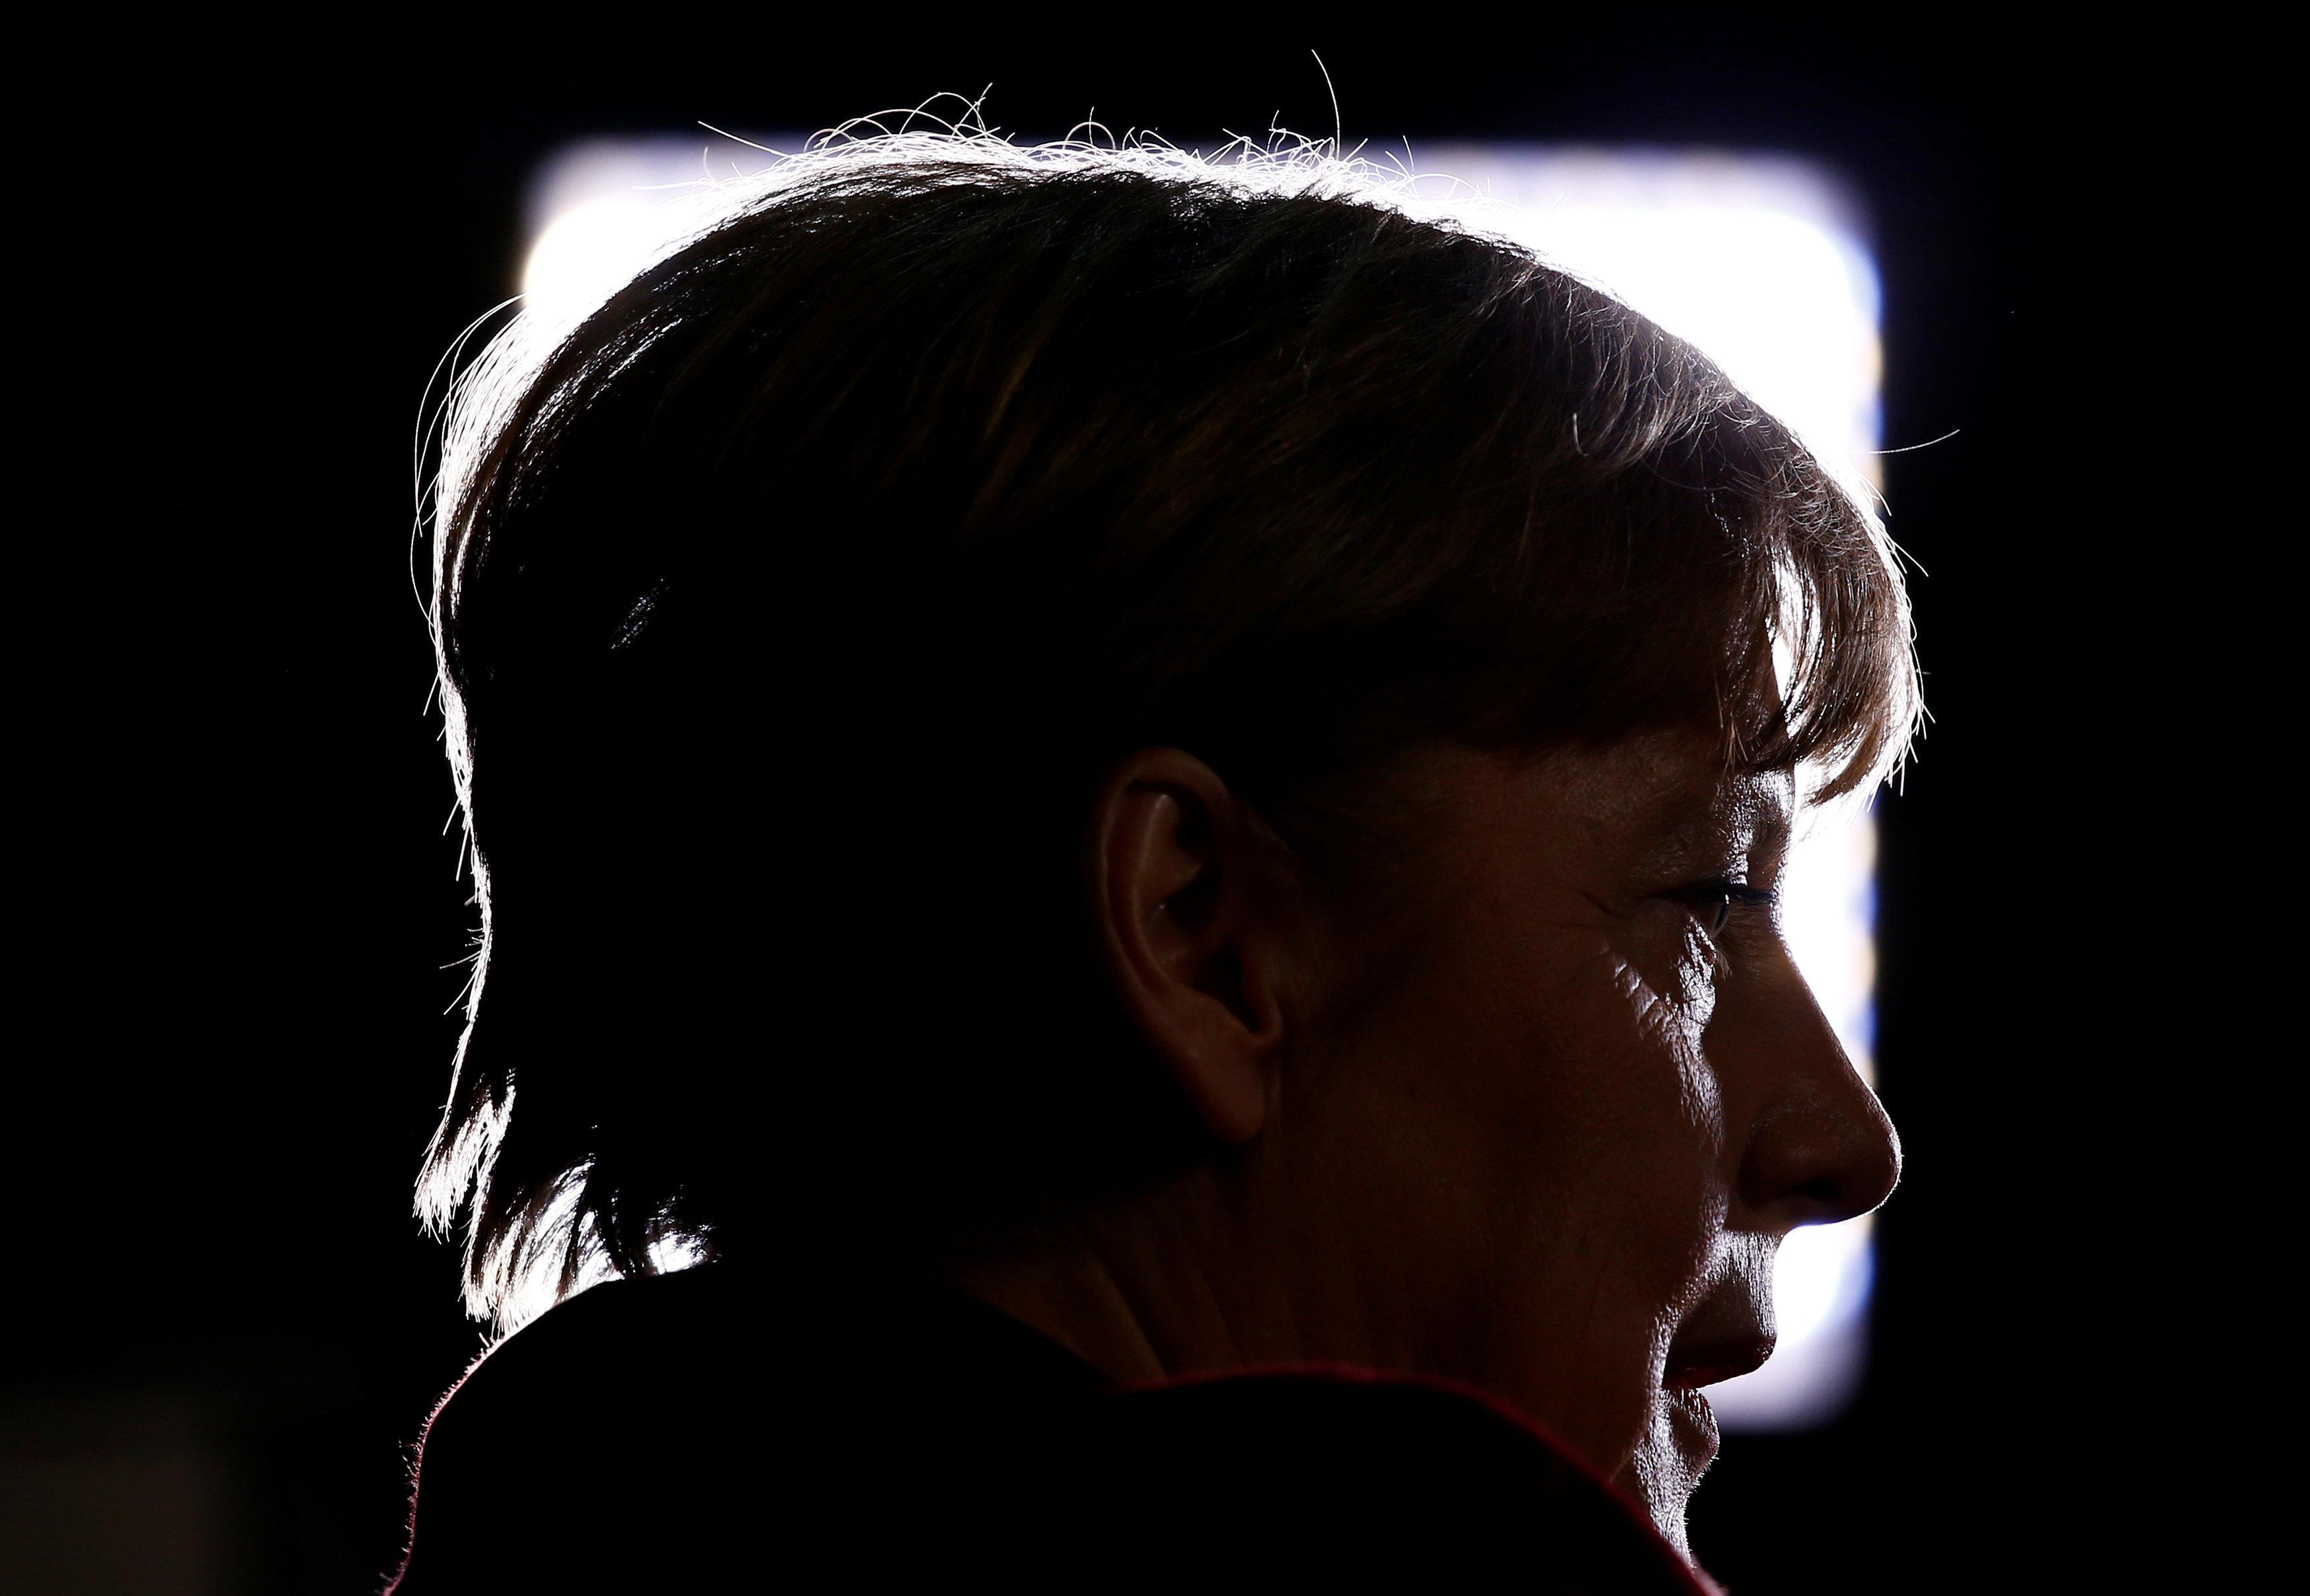 Οι 9 μνηστήρες για τη θέση της Μέρκελ: τρεις γυναίκες, ένας ομοφυλόφιλος και ένας που νομίζει ότι δεν...